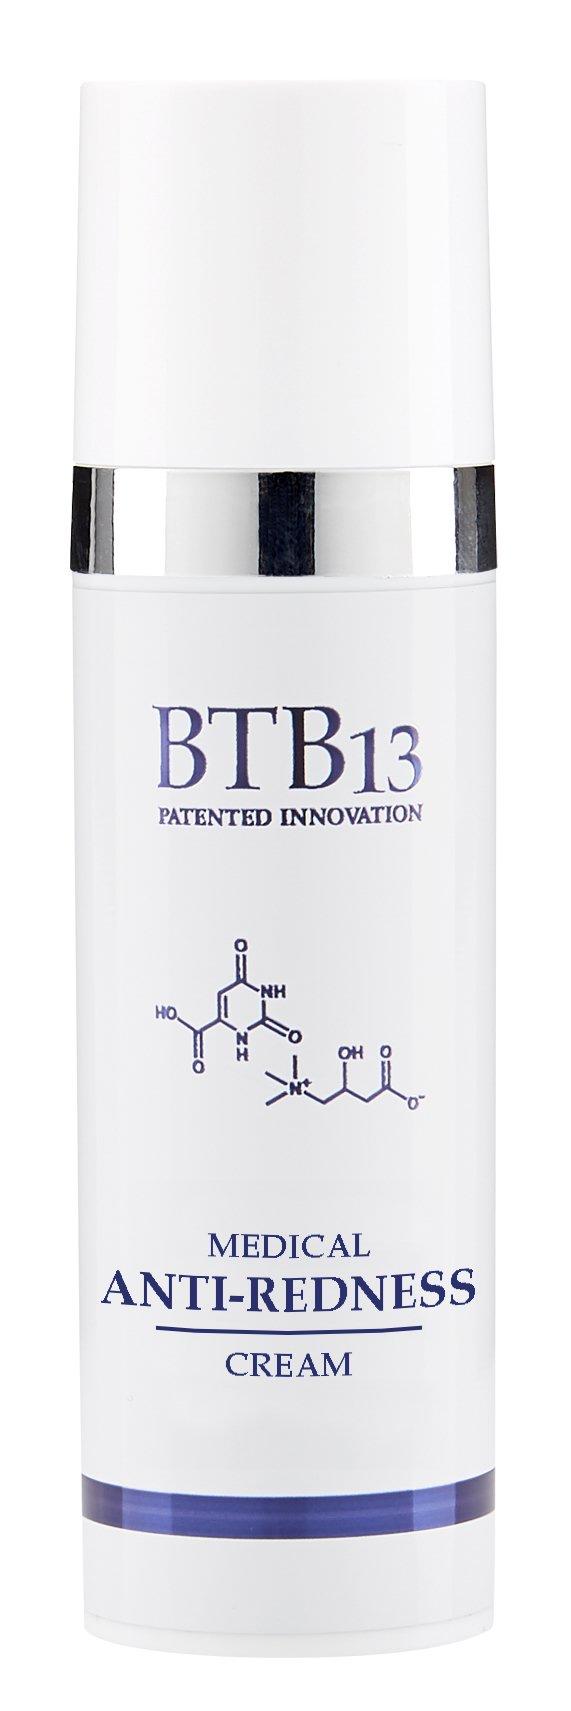 BTB13 Anti-Redness Cream